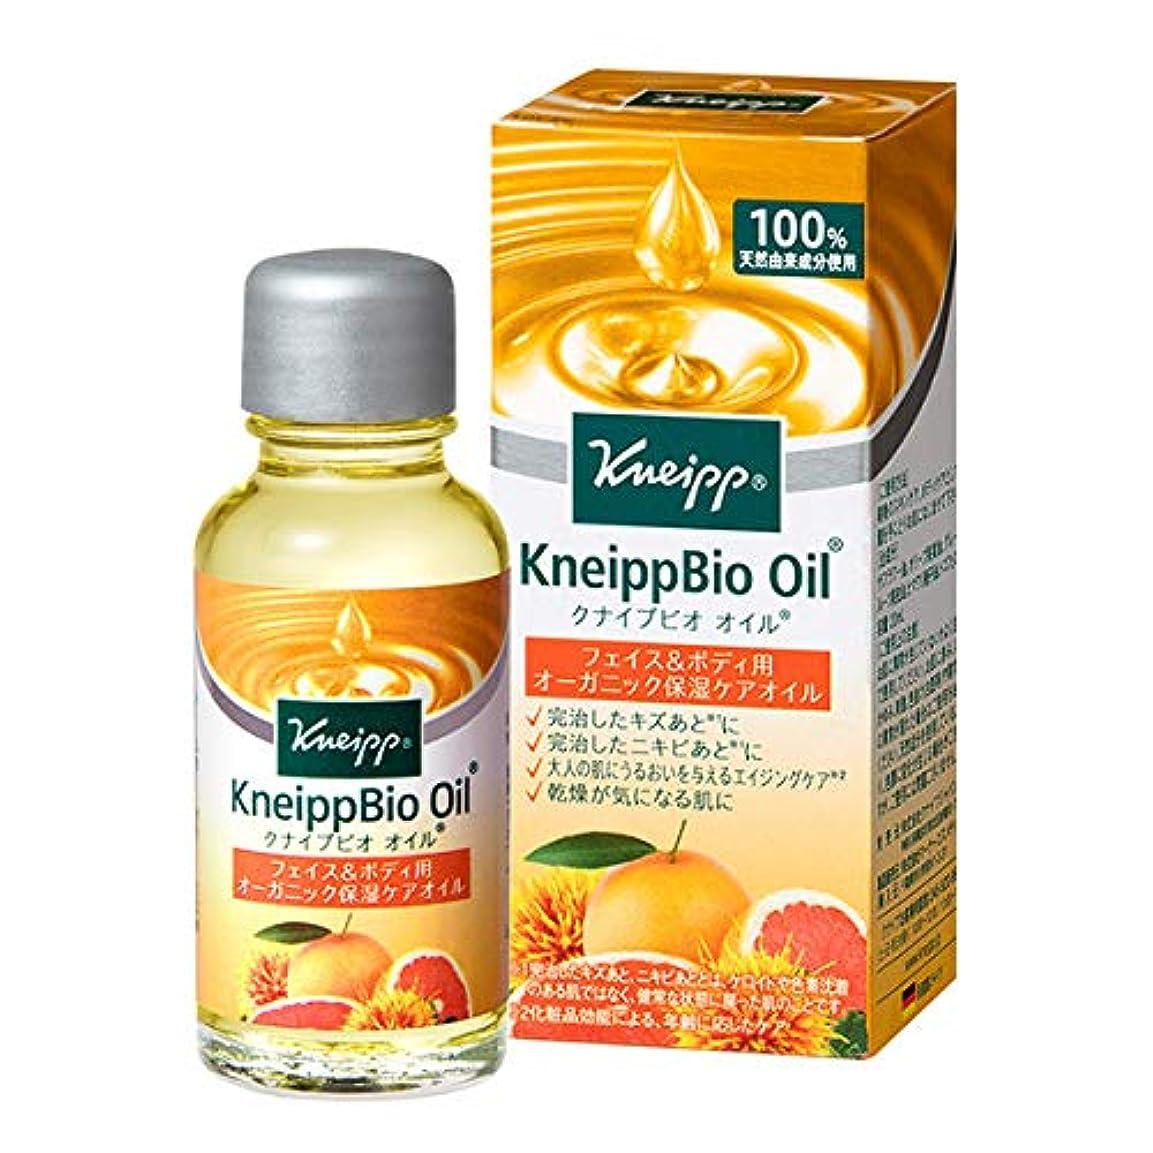 ハチ急勾配の神話クナイプ(Kneipp) クナイプビオ オイル20mL 美容液